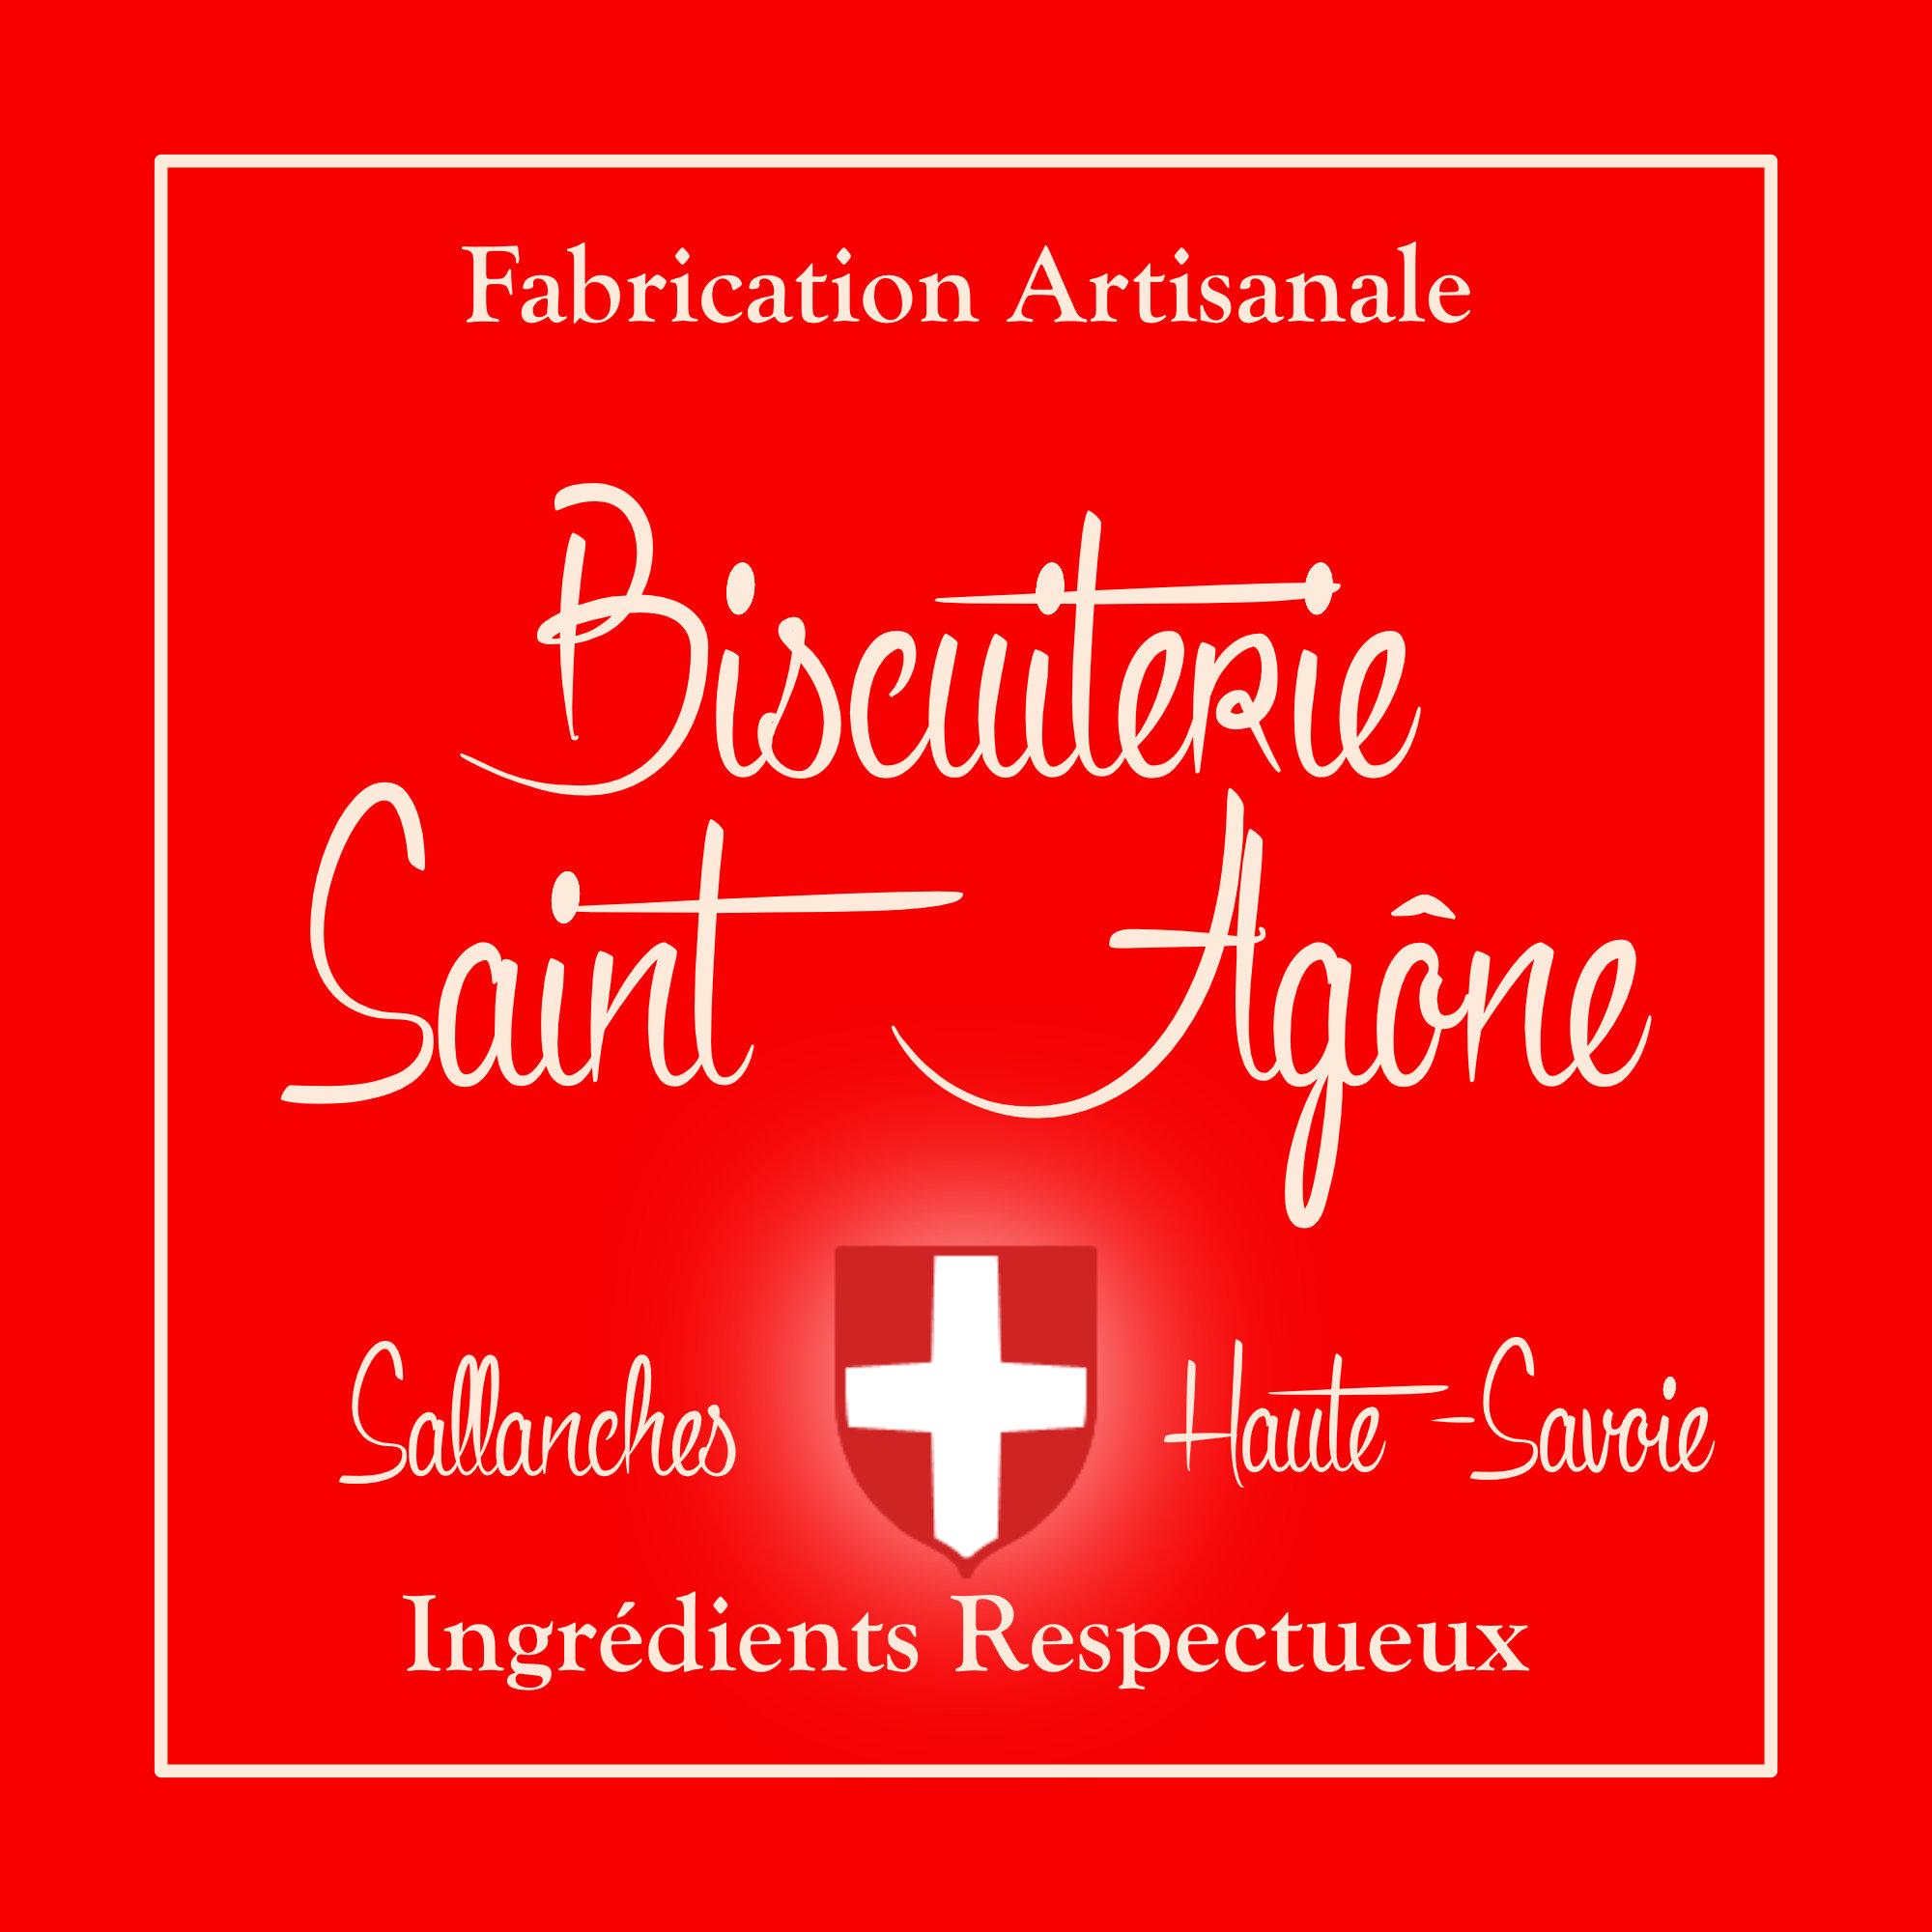 Logo Biscuiterie Saint Agône